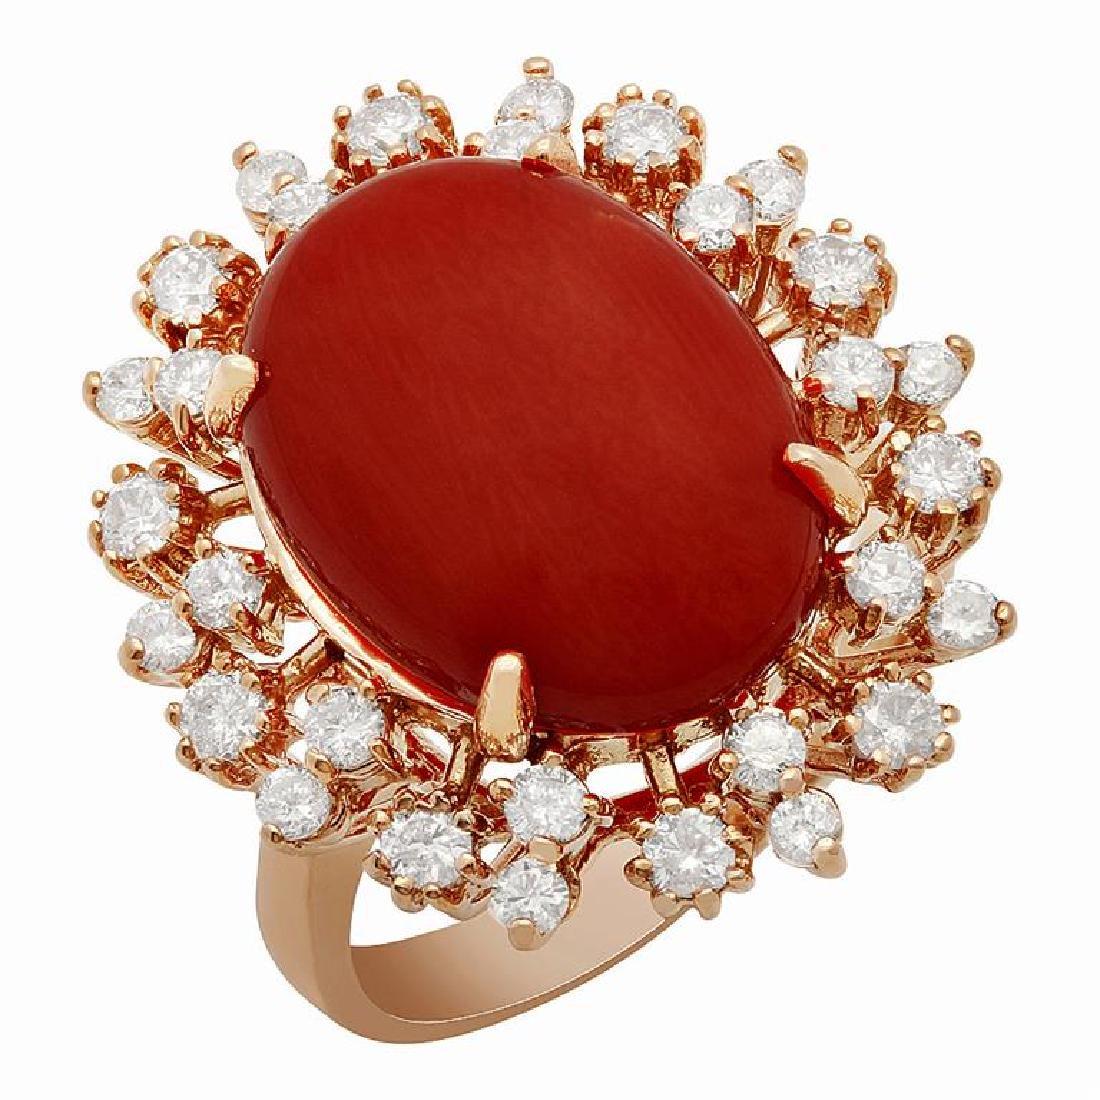 14k Rose Gold 7.58ct Coral 1.01ct Diamond Ring